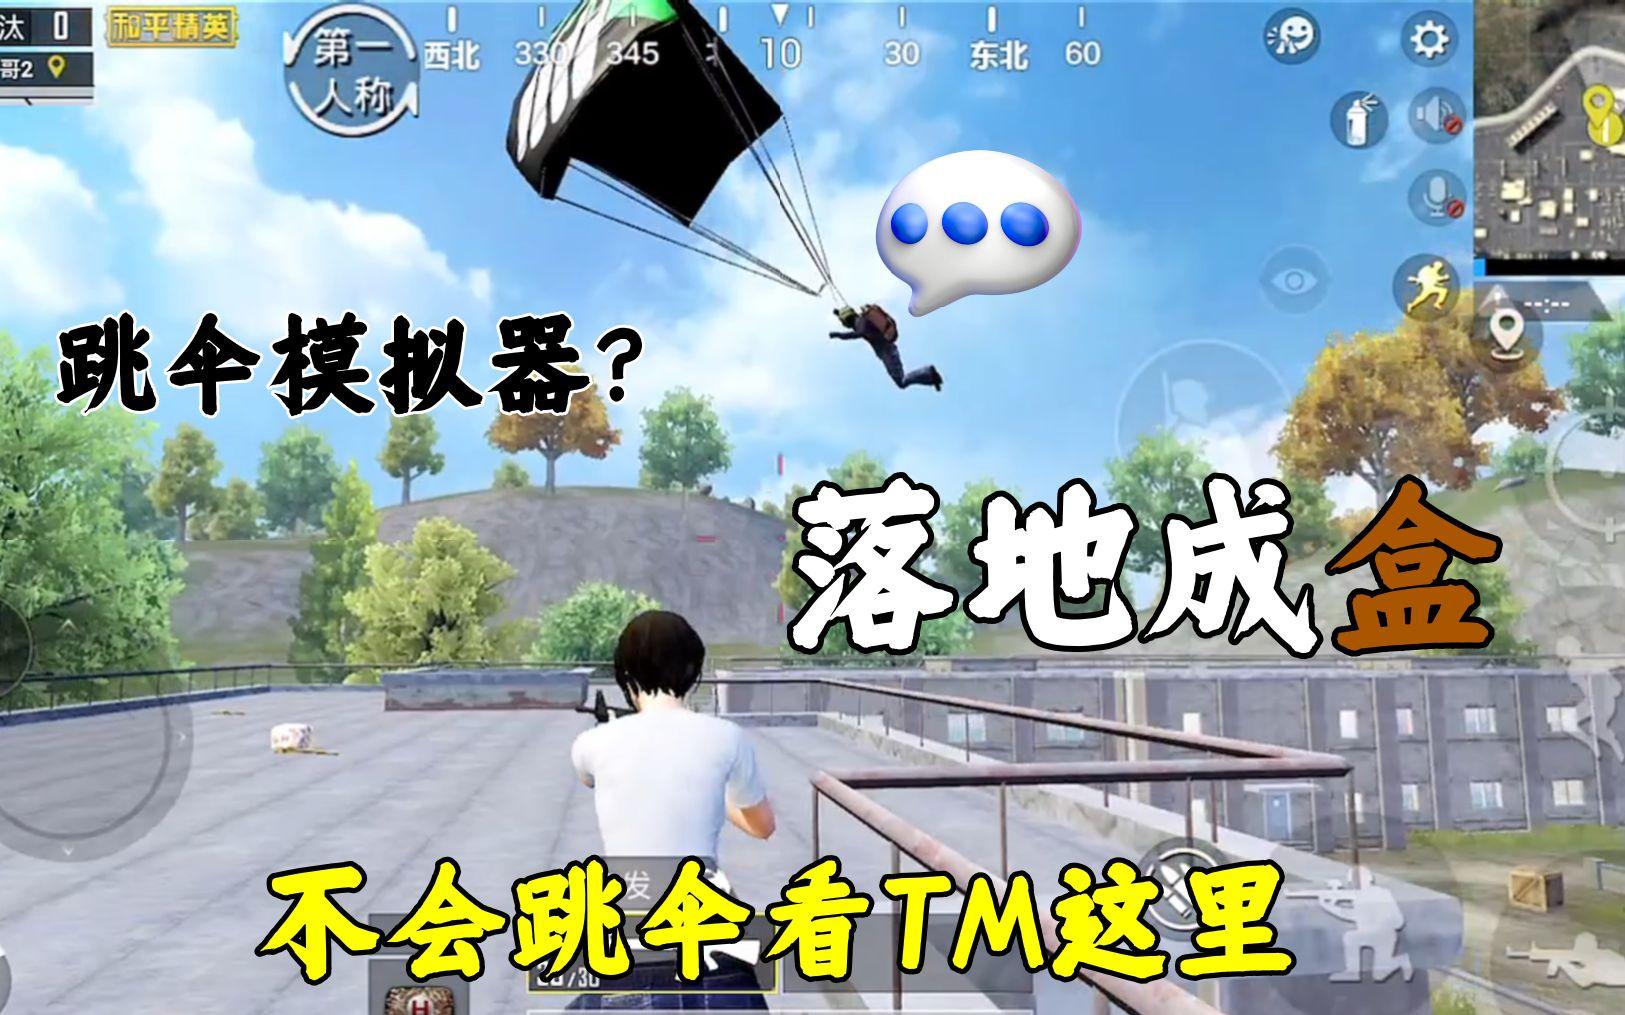 麻烦您学一学跳伞吧(教你快人一步)